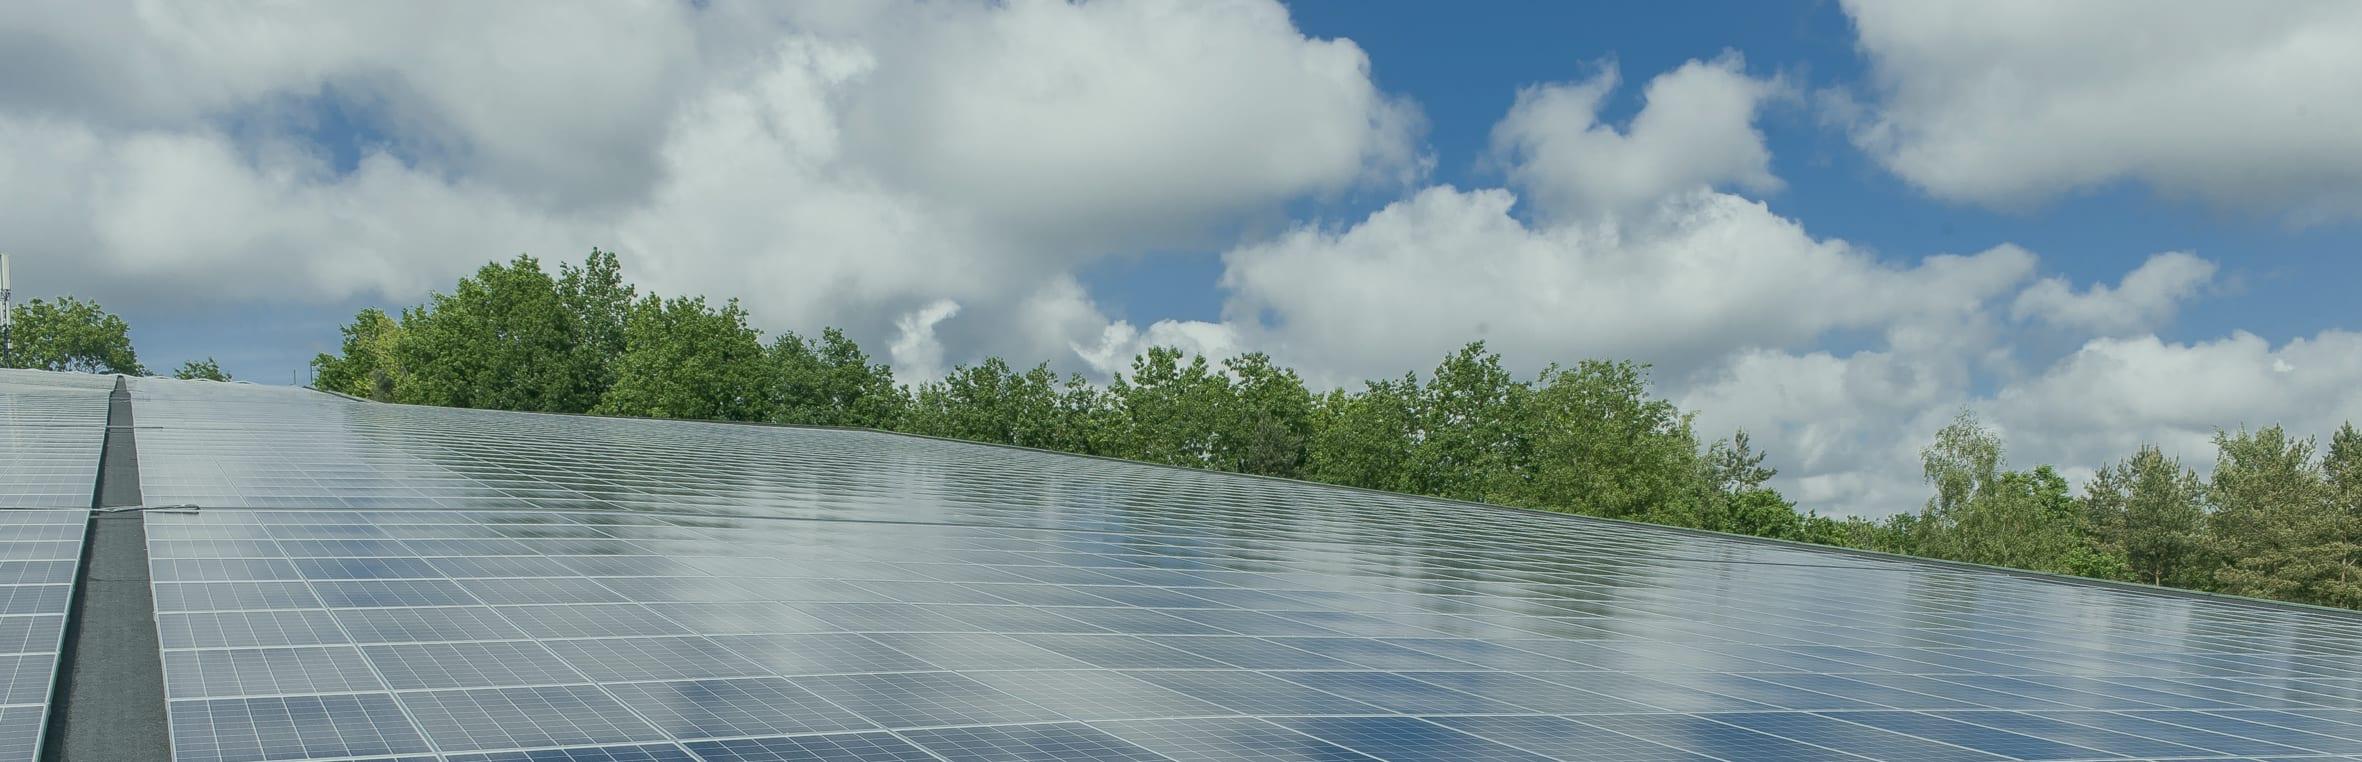 Zonnepanelen in heel Nederland